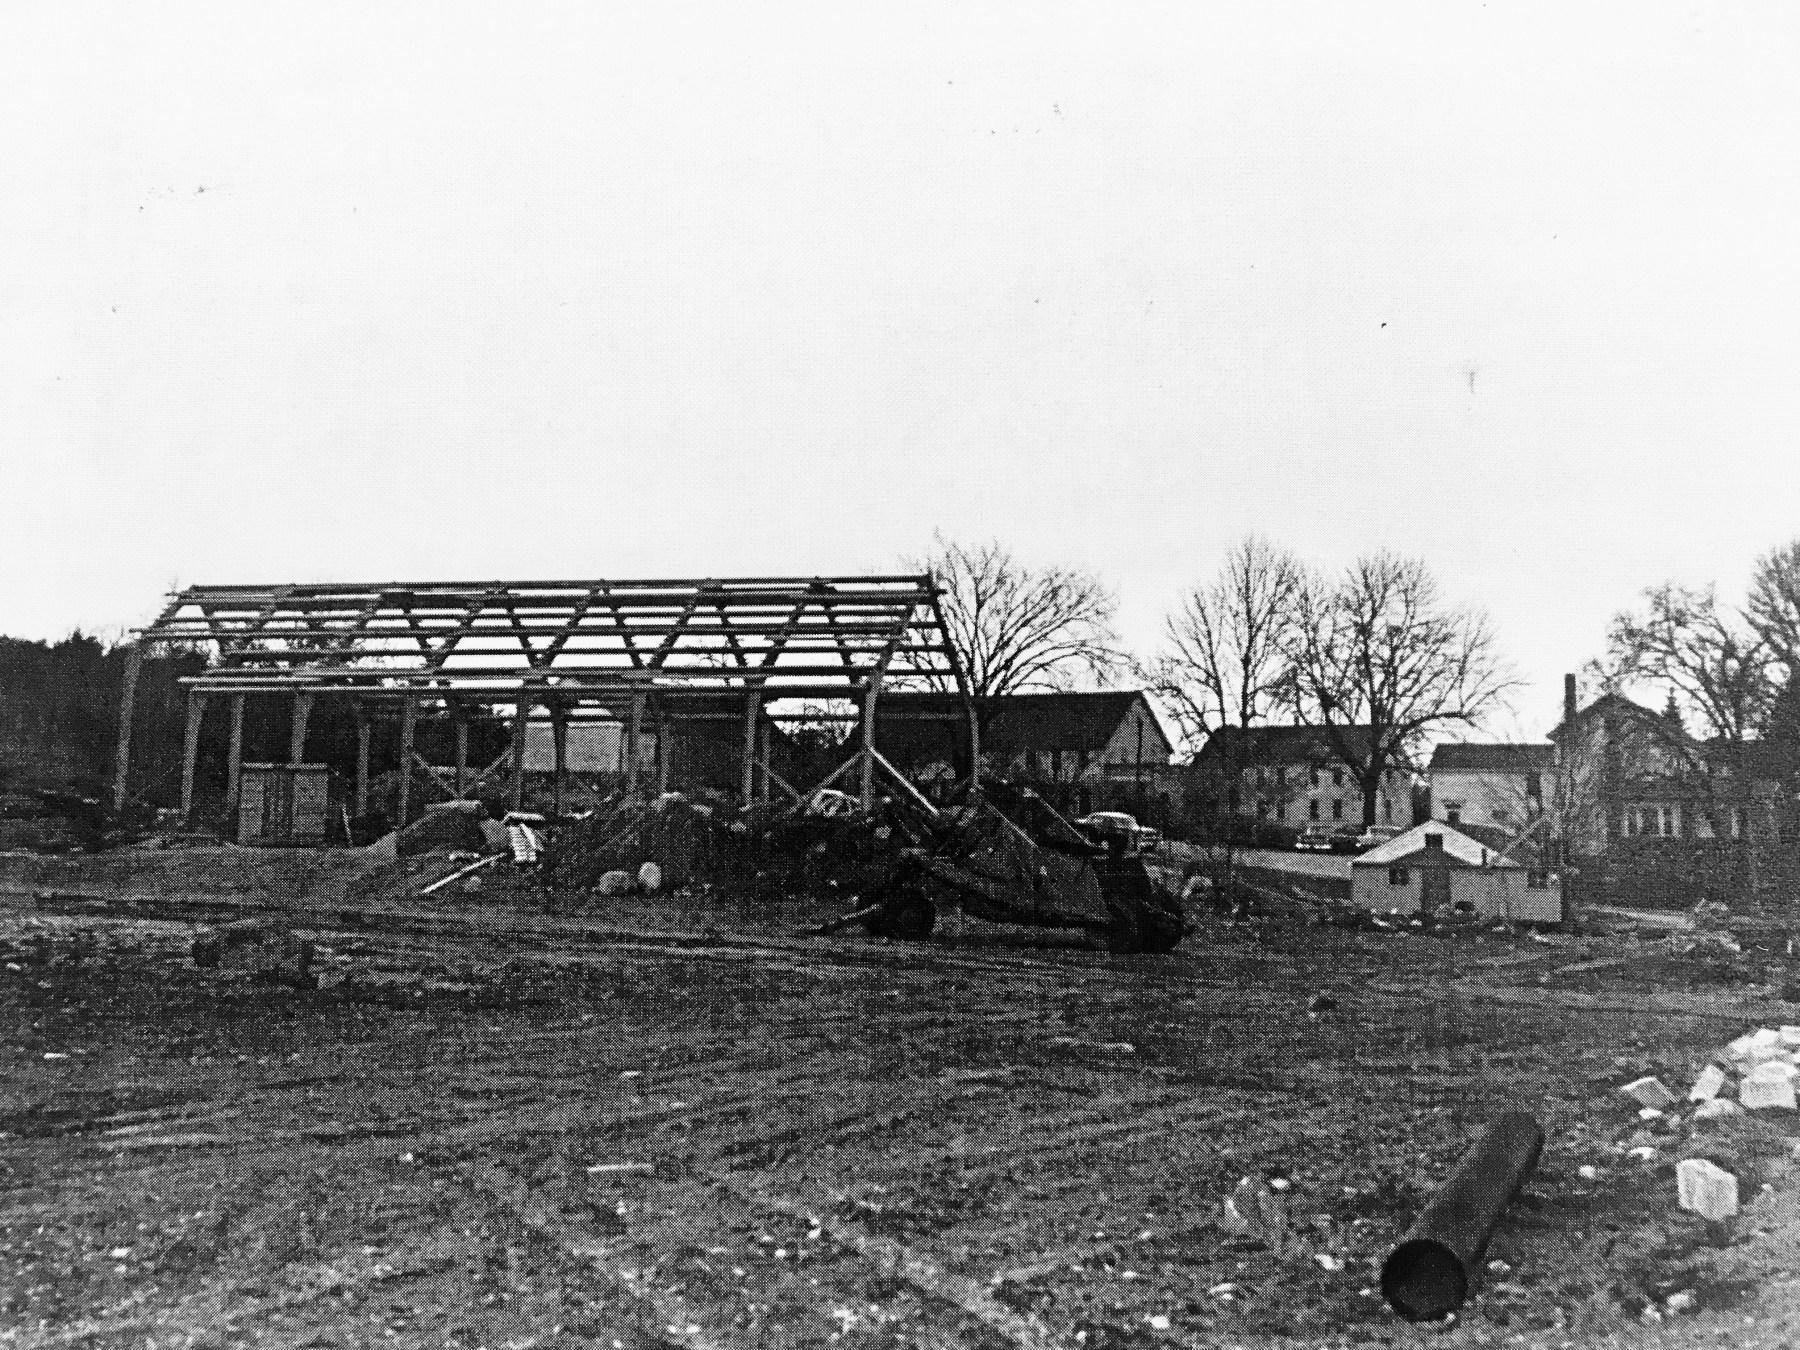 St. Margaret's construction, Burlington MA